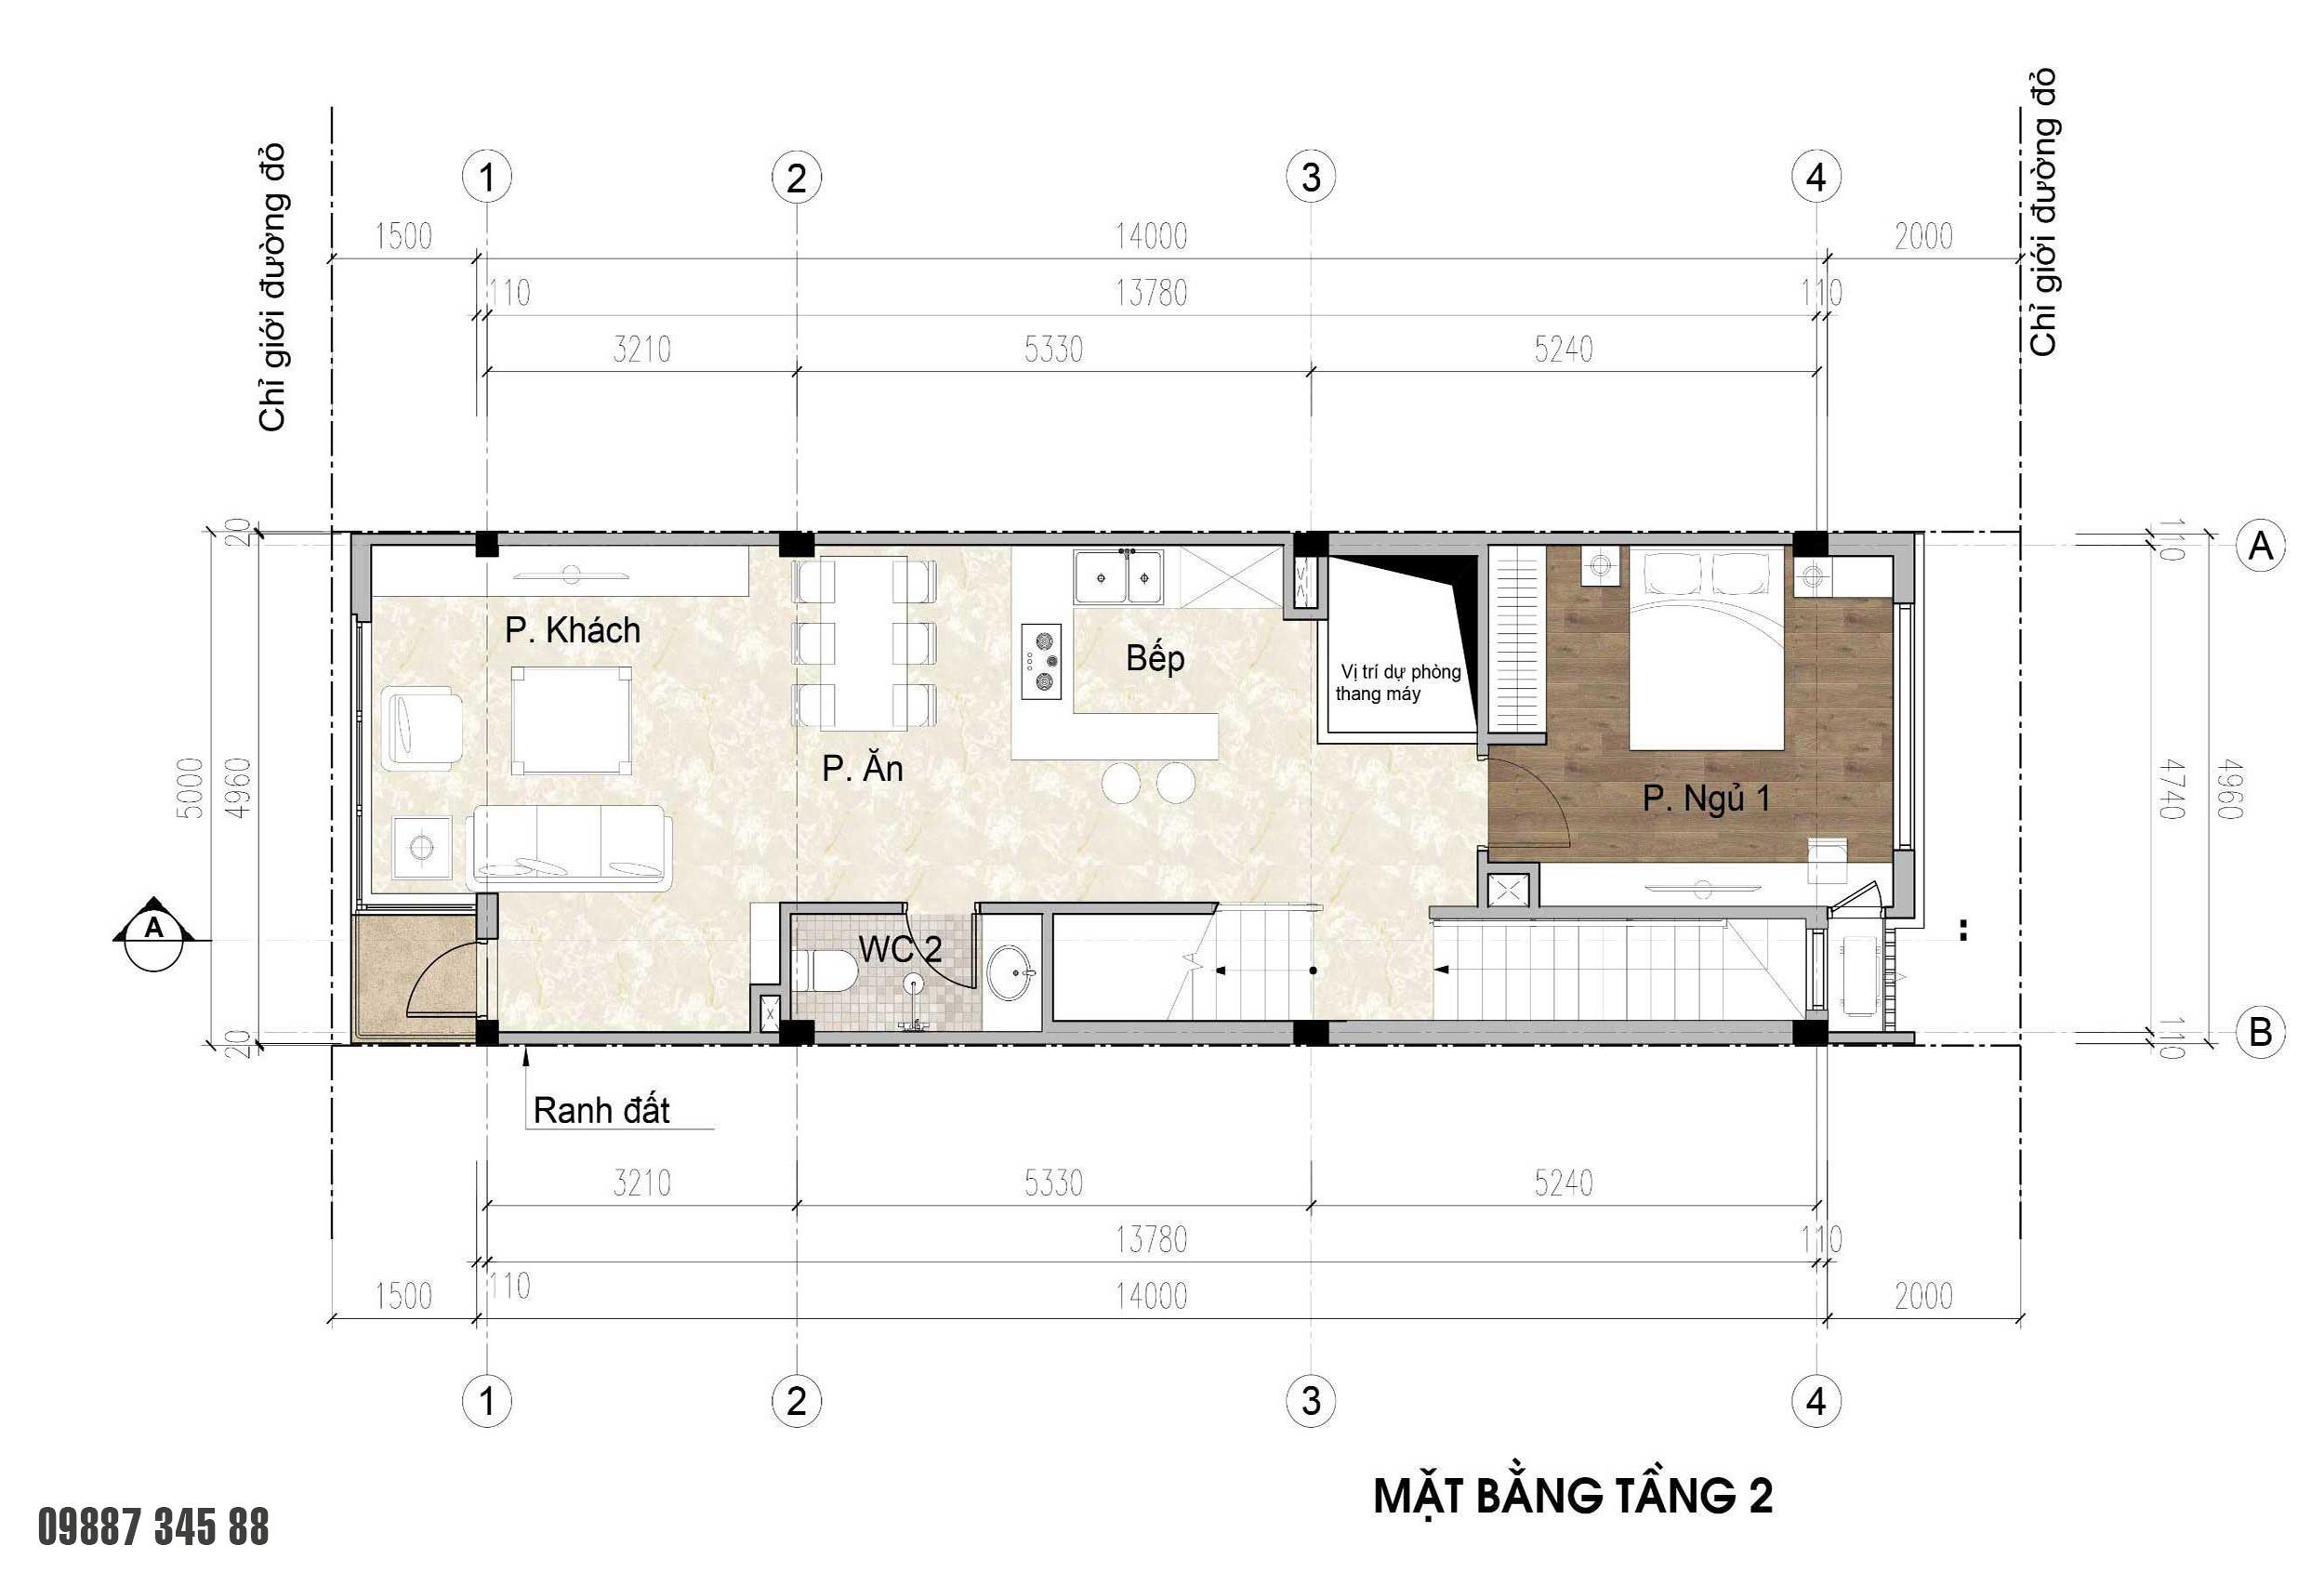 Mặt bằng tầng 2 - nhà phố điển hình Thủy Trúc(5x17,5m)